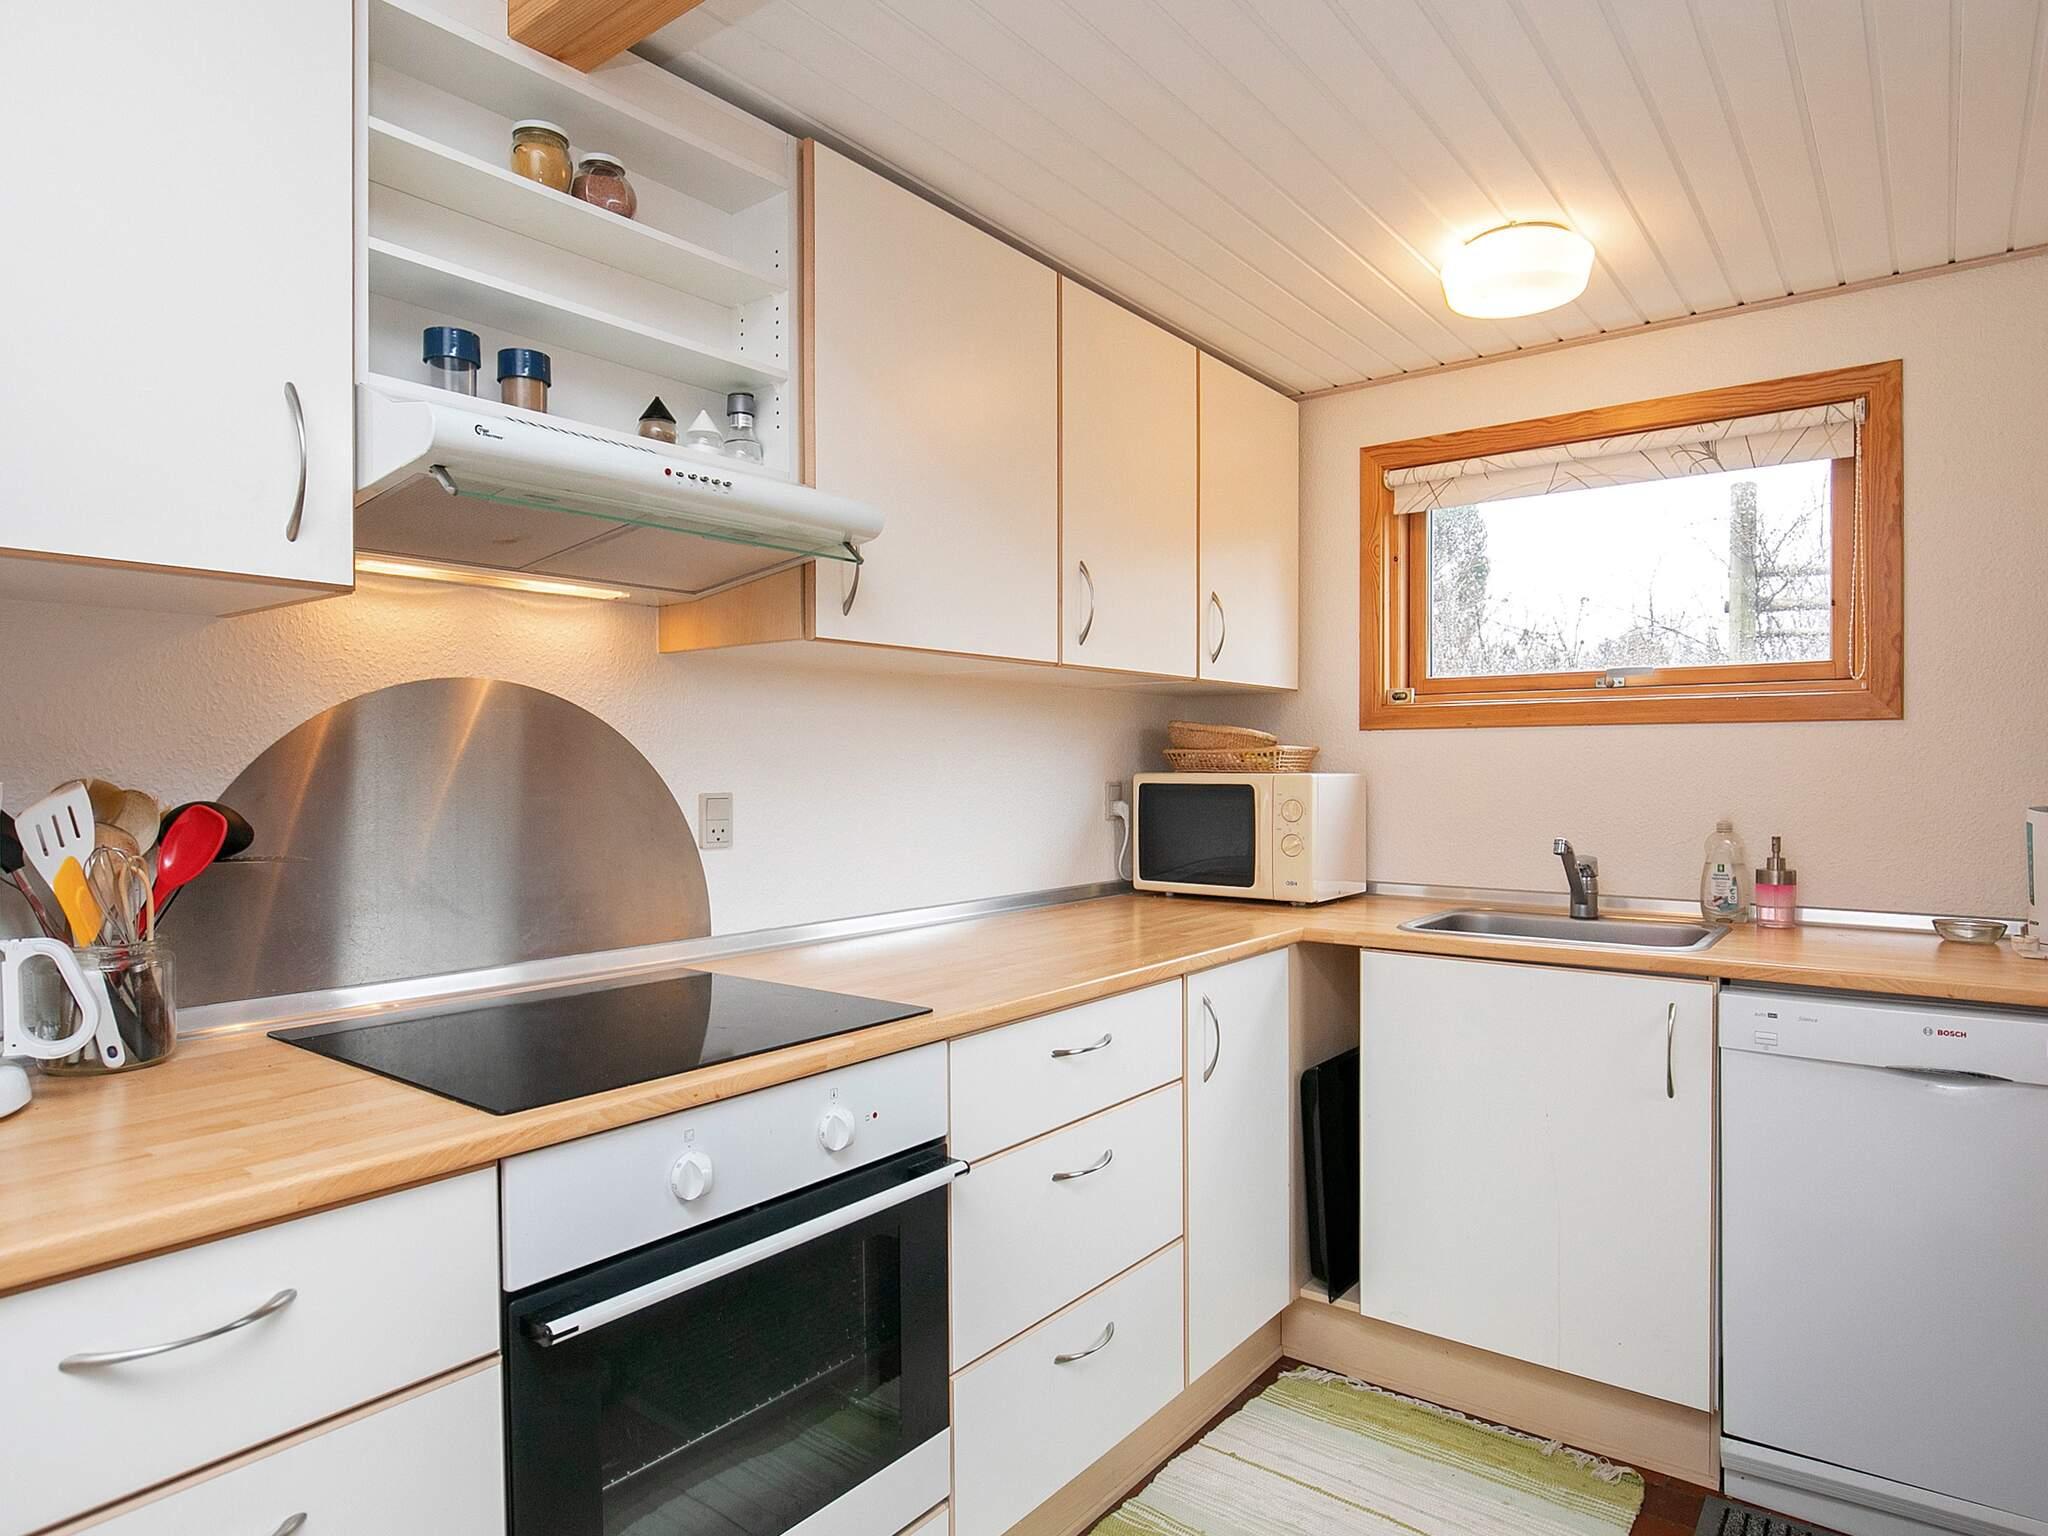 Ferienhaus Kjul Strand (2595175), Hirtshals, , Nordwestjütland, Dänemark, Bild 7